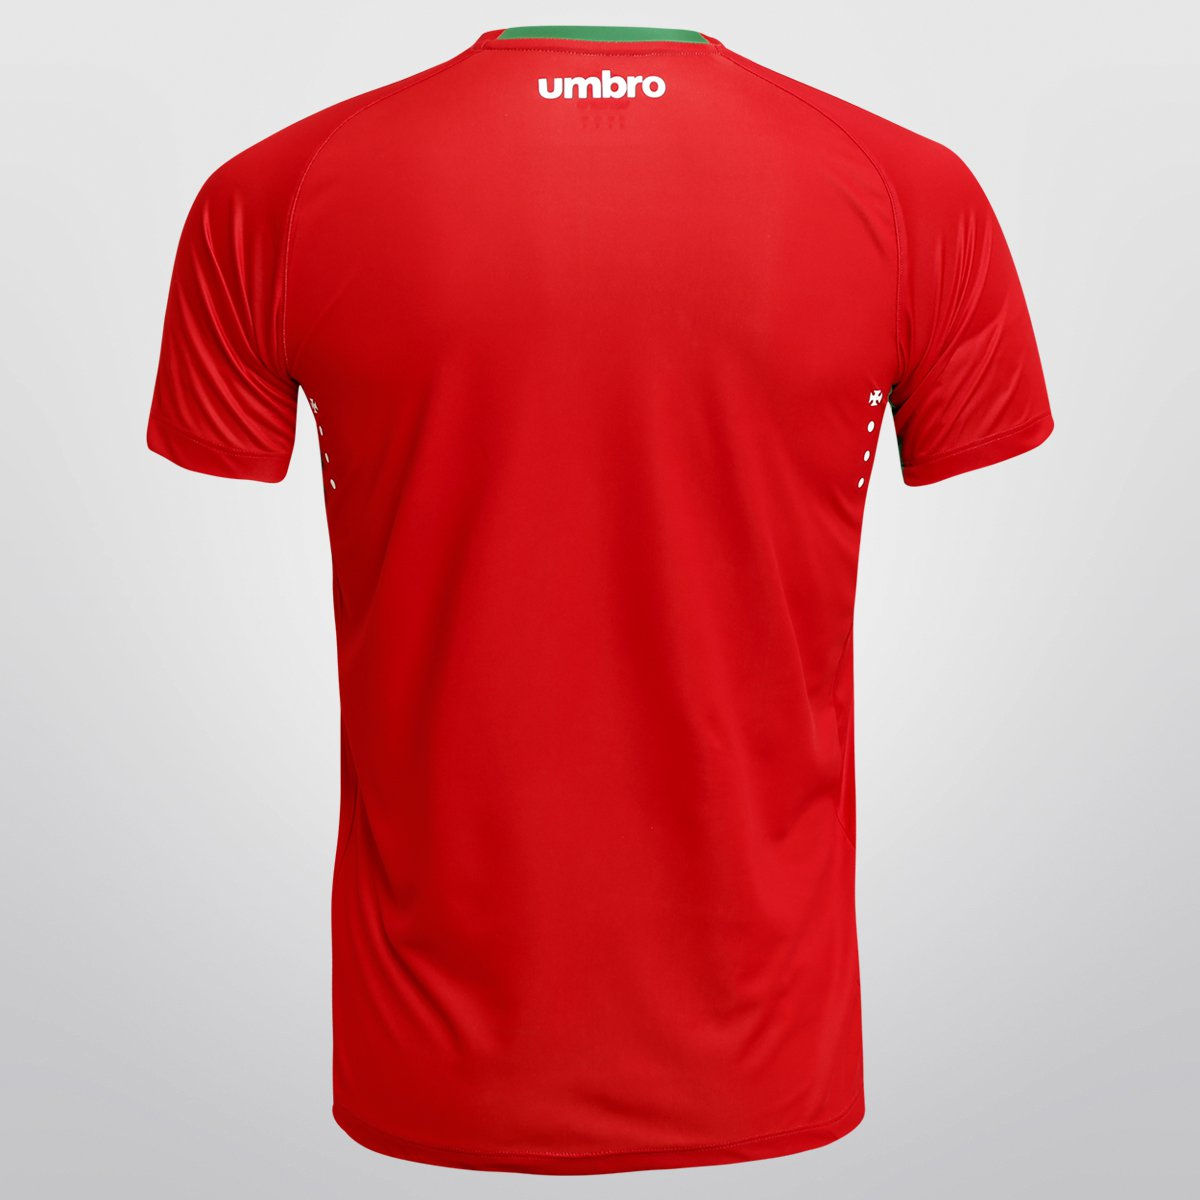 b1c143975b Camisa Umbro Vasco Goleiro 2015 - Compre Agora